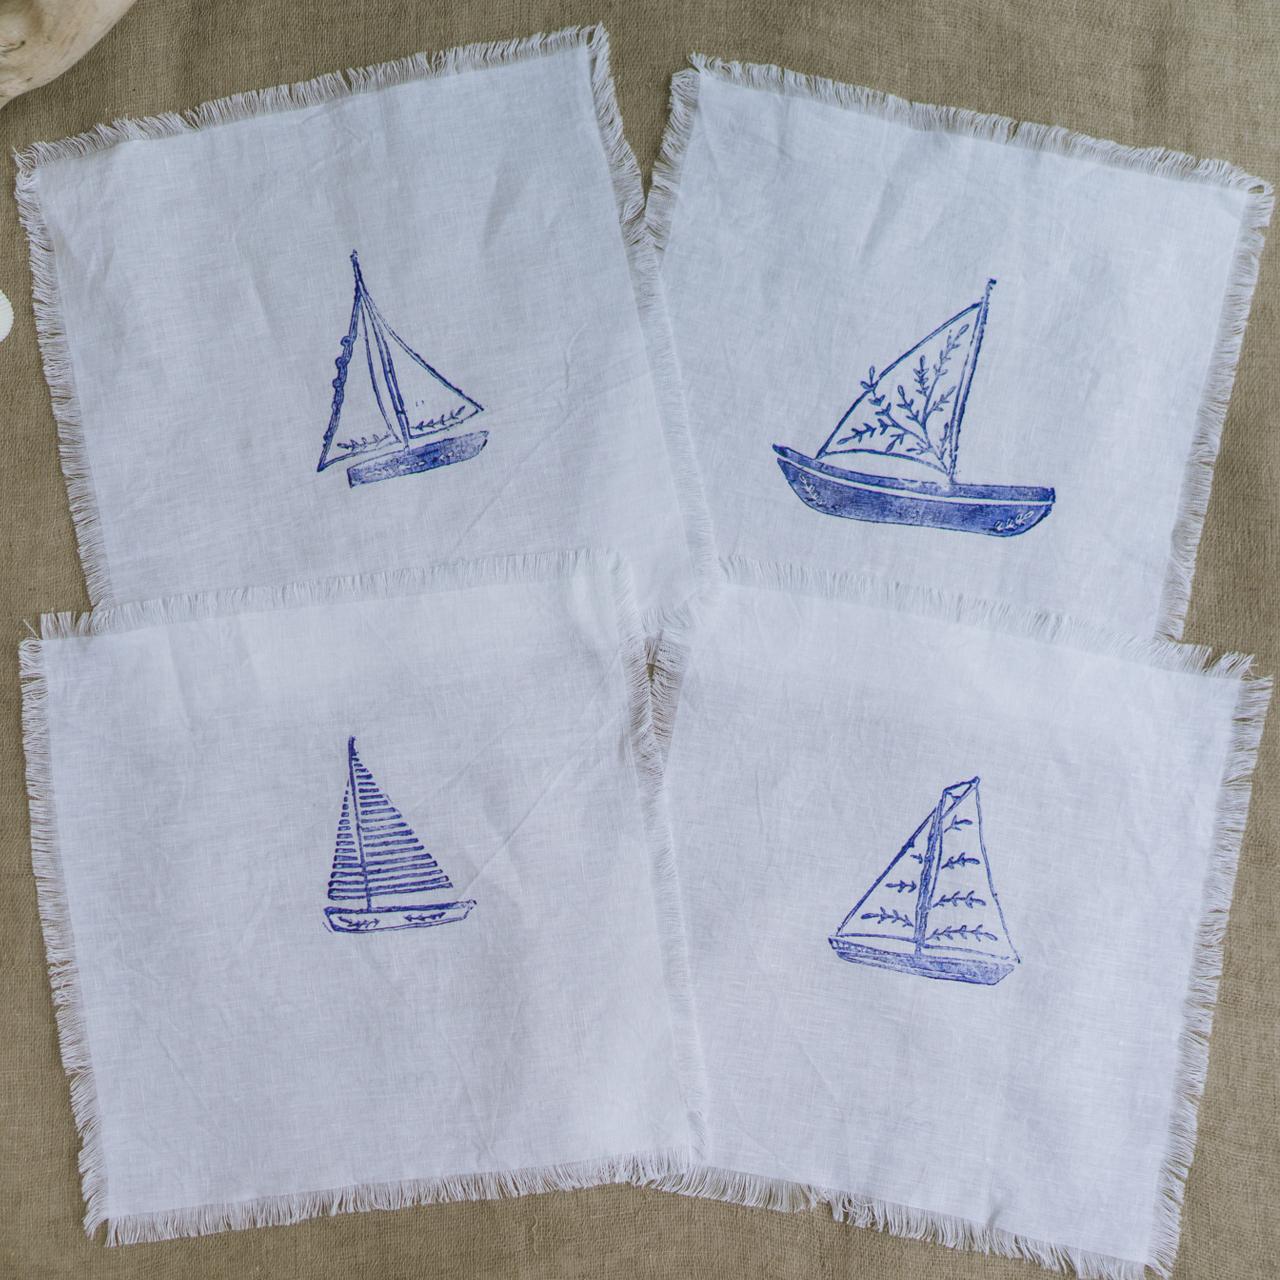 Table napkin sailboat テーブルナプキン ヨット 4枚セット